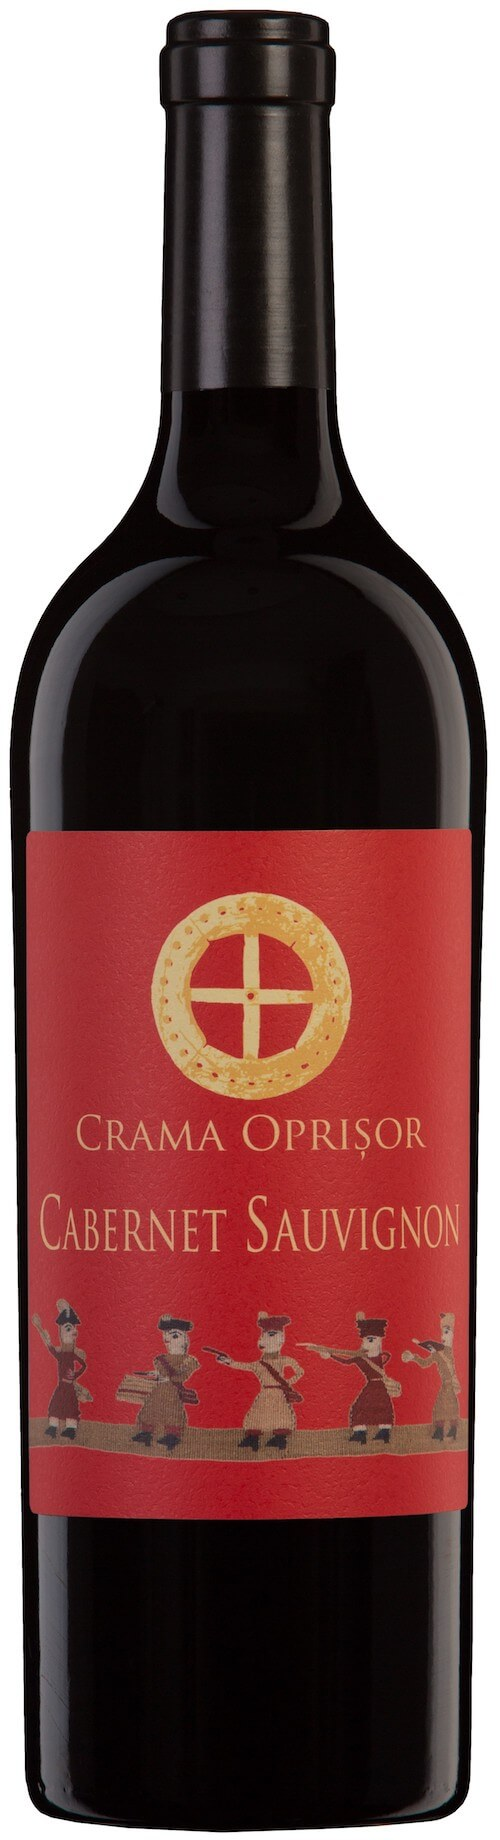 Vinul premium Cabernet Sauvignon Eticheta roșie 2016 a fost lansat de Crama Oprișor în 17 septembrie 2018